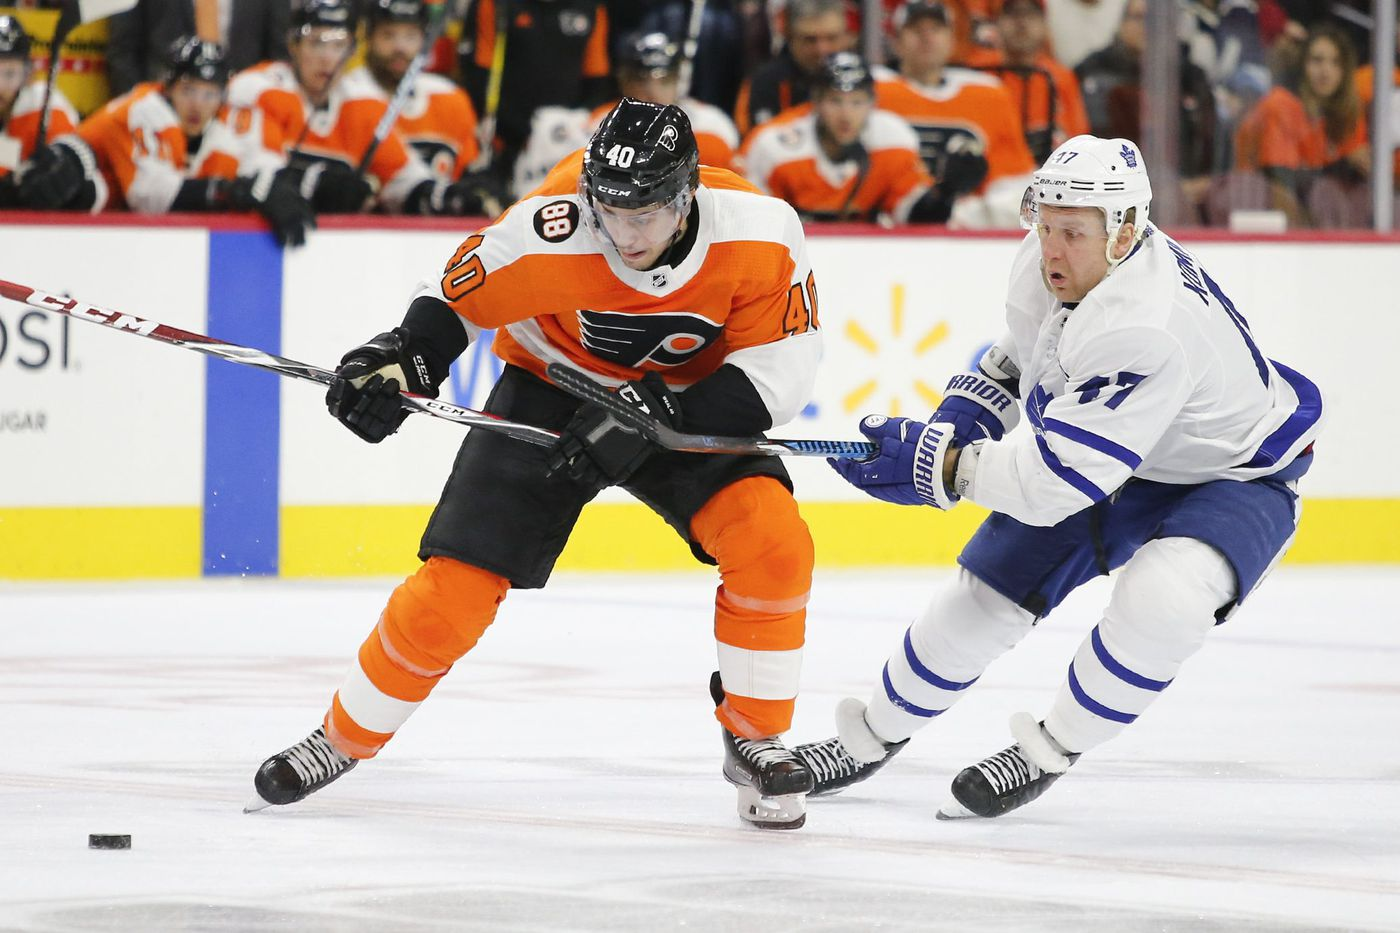 Jordan Weal, Scott Laughton frontrunners for Flyers' No. 3 center spot